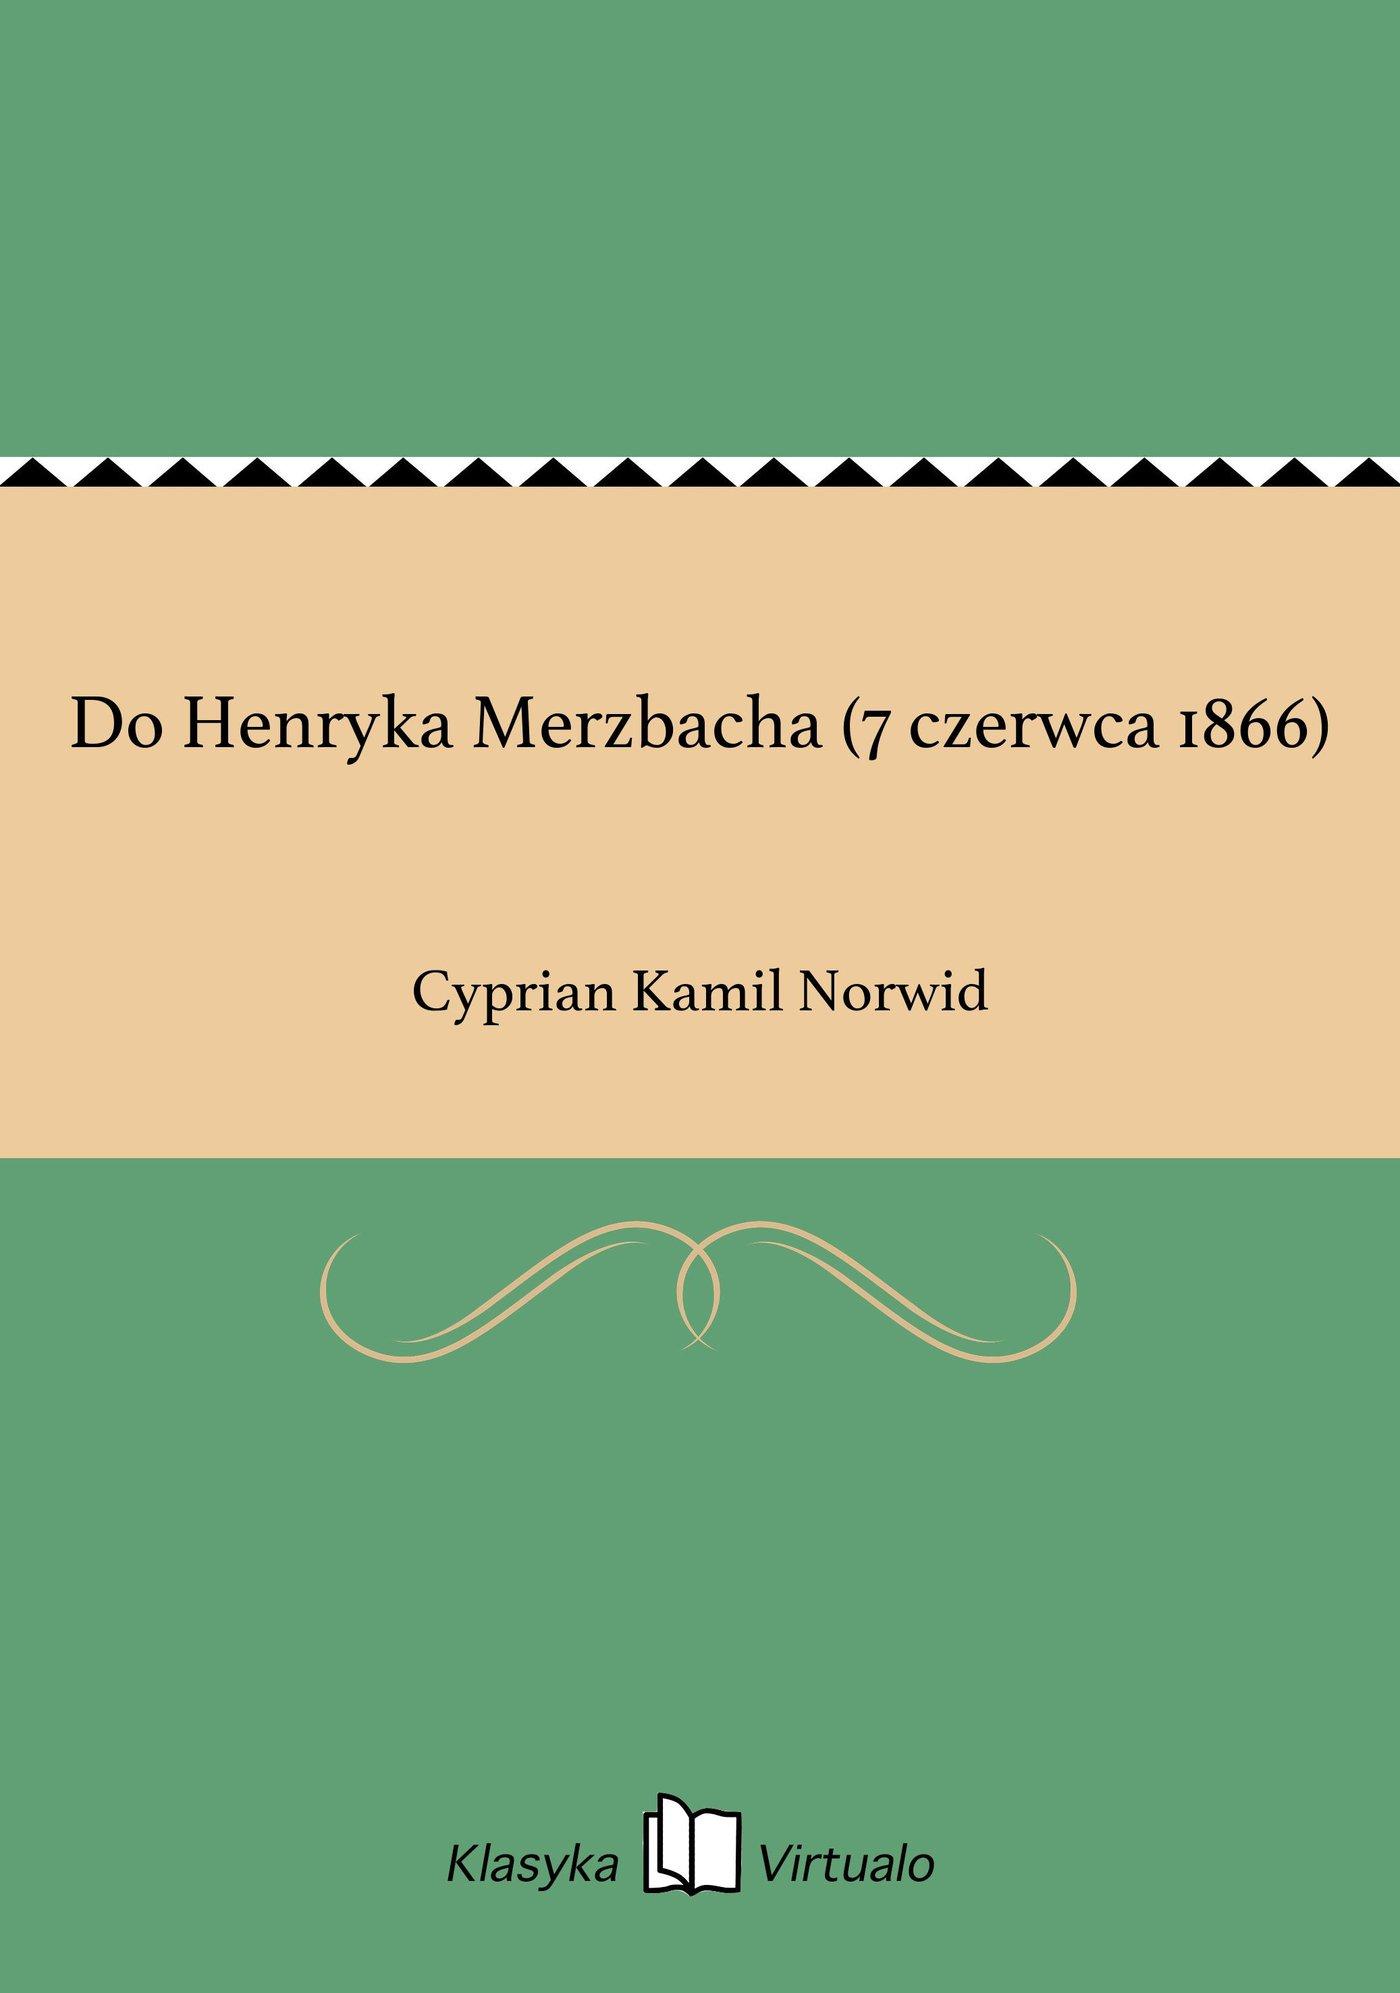 Do Henryka Merzbacha (7 czerwca 1866) - Ebook (Książka EPUB) do pobrania w formacie EPUB